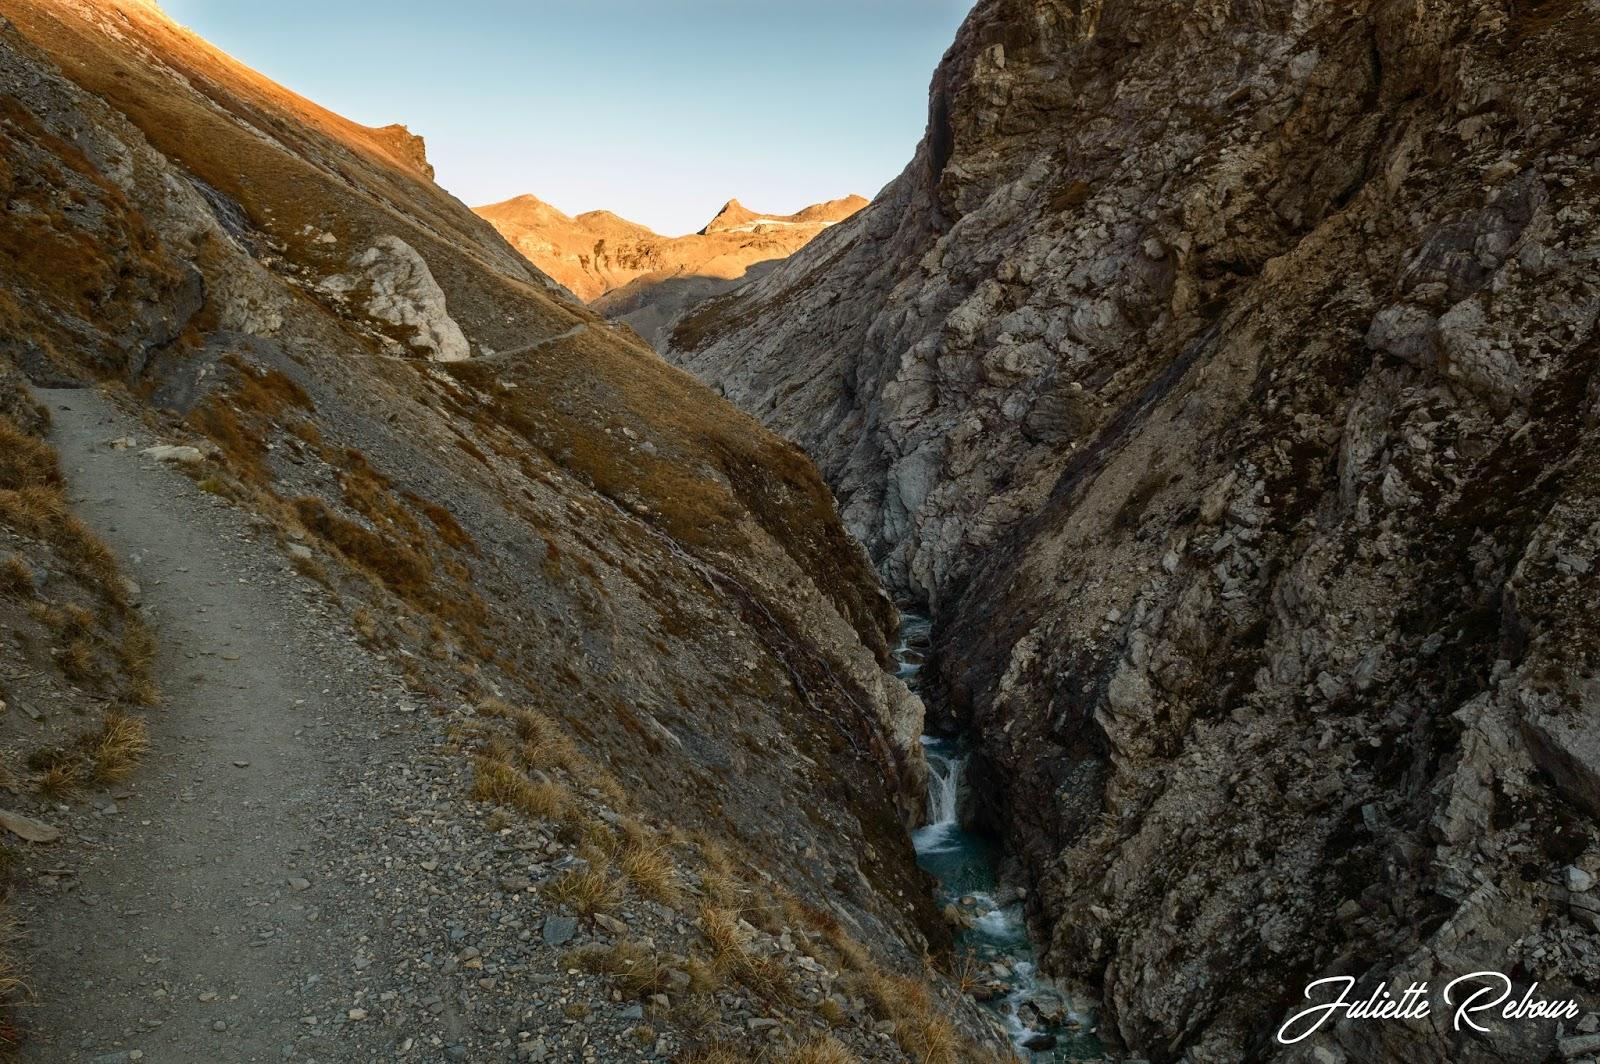 Randonnée dans les gorges de Malpasset